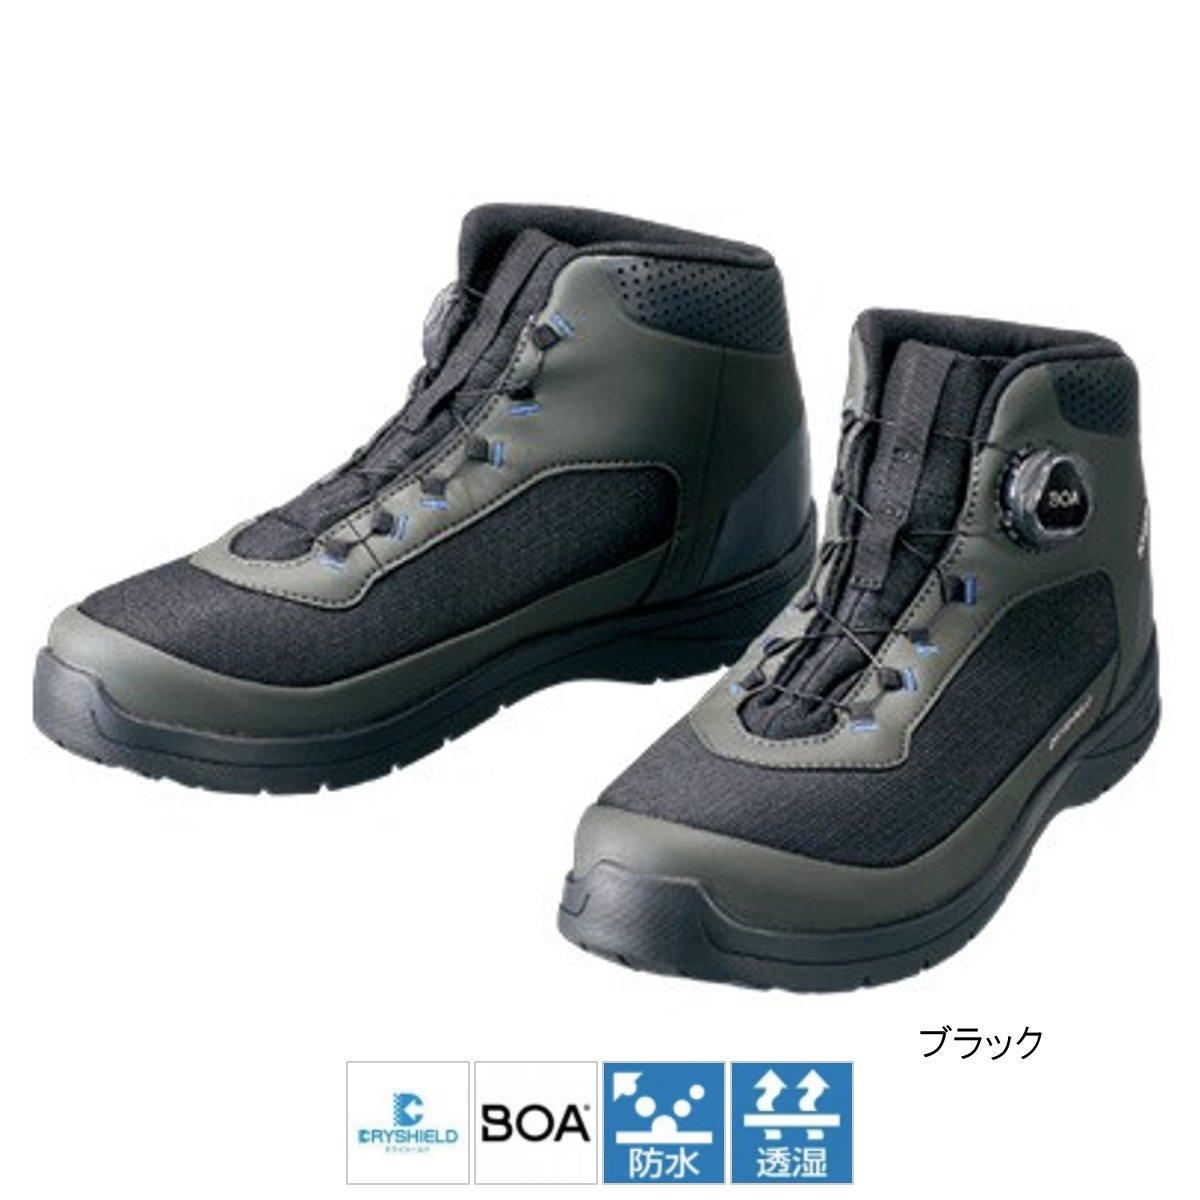 シマノ ドライシールド・デッキラジアルフィットシューズ HW FS-082R 28.0cm ブラック(東日本店)